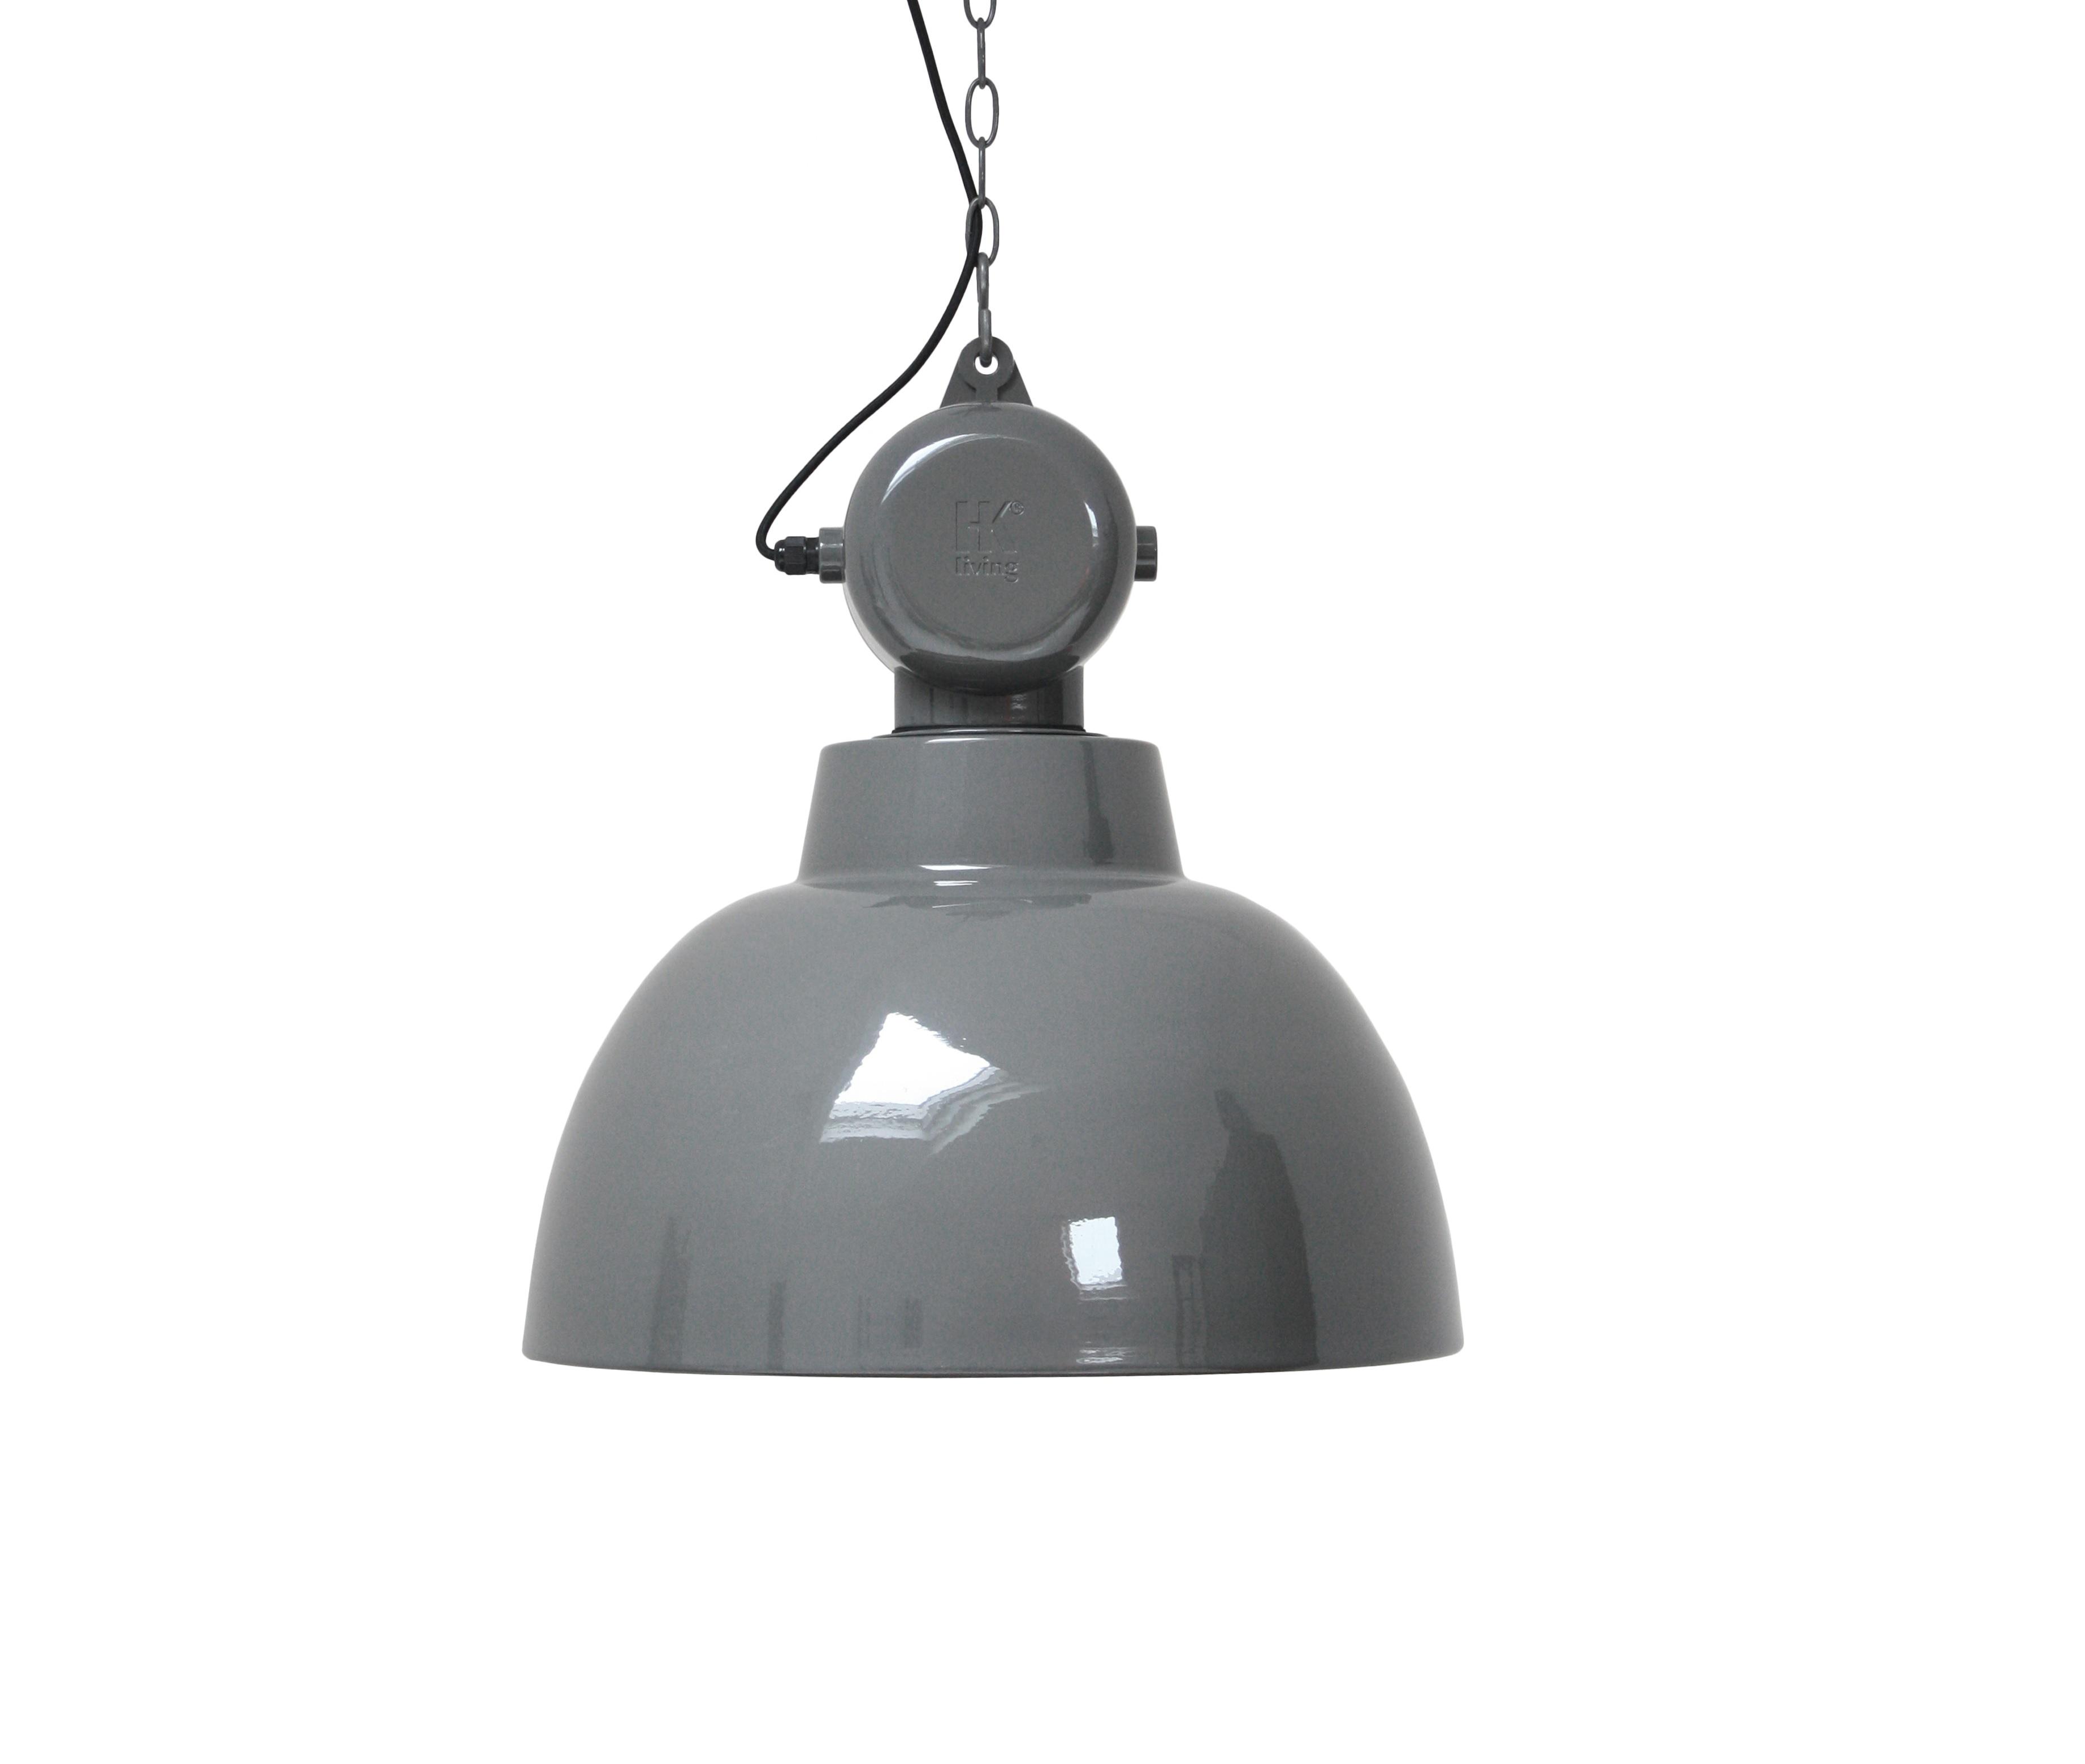 Лампа FACTORYПодвесные светильники<br>Индустриальный светильник в новом исполнении. Глубокий серый цвет. Черный шнур + металлическая цепь длиной 2 м.&amp;lt;div&amp;gt;&amp;lt;br&amp;gt;&amp;lt;/div&amp;gt;&amp;lt;div&amp;gt;Вид цоколя: Е27&amp;lt;/div&amp;gt;&amp;lt;div&amp;gt;Мощность: 60W&amp;lt;/div&amp;gt;&amp;lt;div&amp;gt;Количество ламп: 1&amp;lt;/div&amp;gt;<br><br>Material: Металл<br>Height см: 55<br>Diameter см: 50